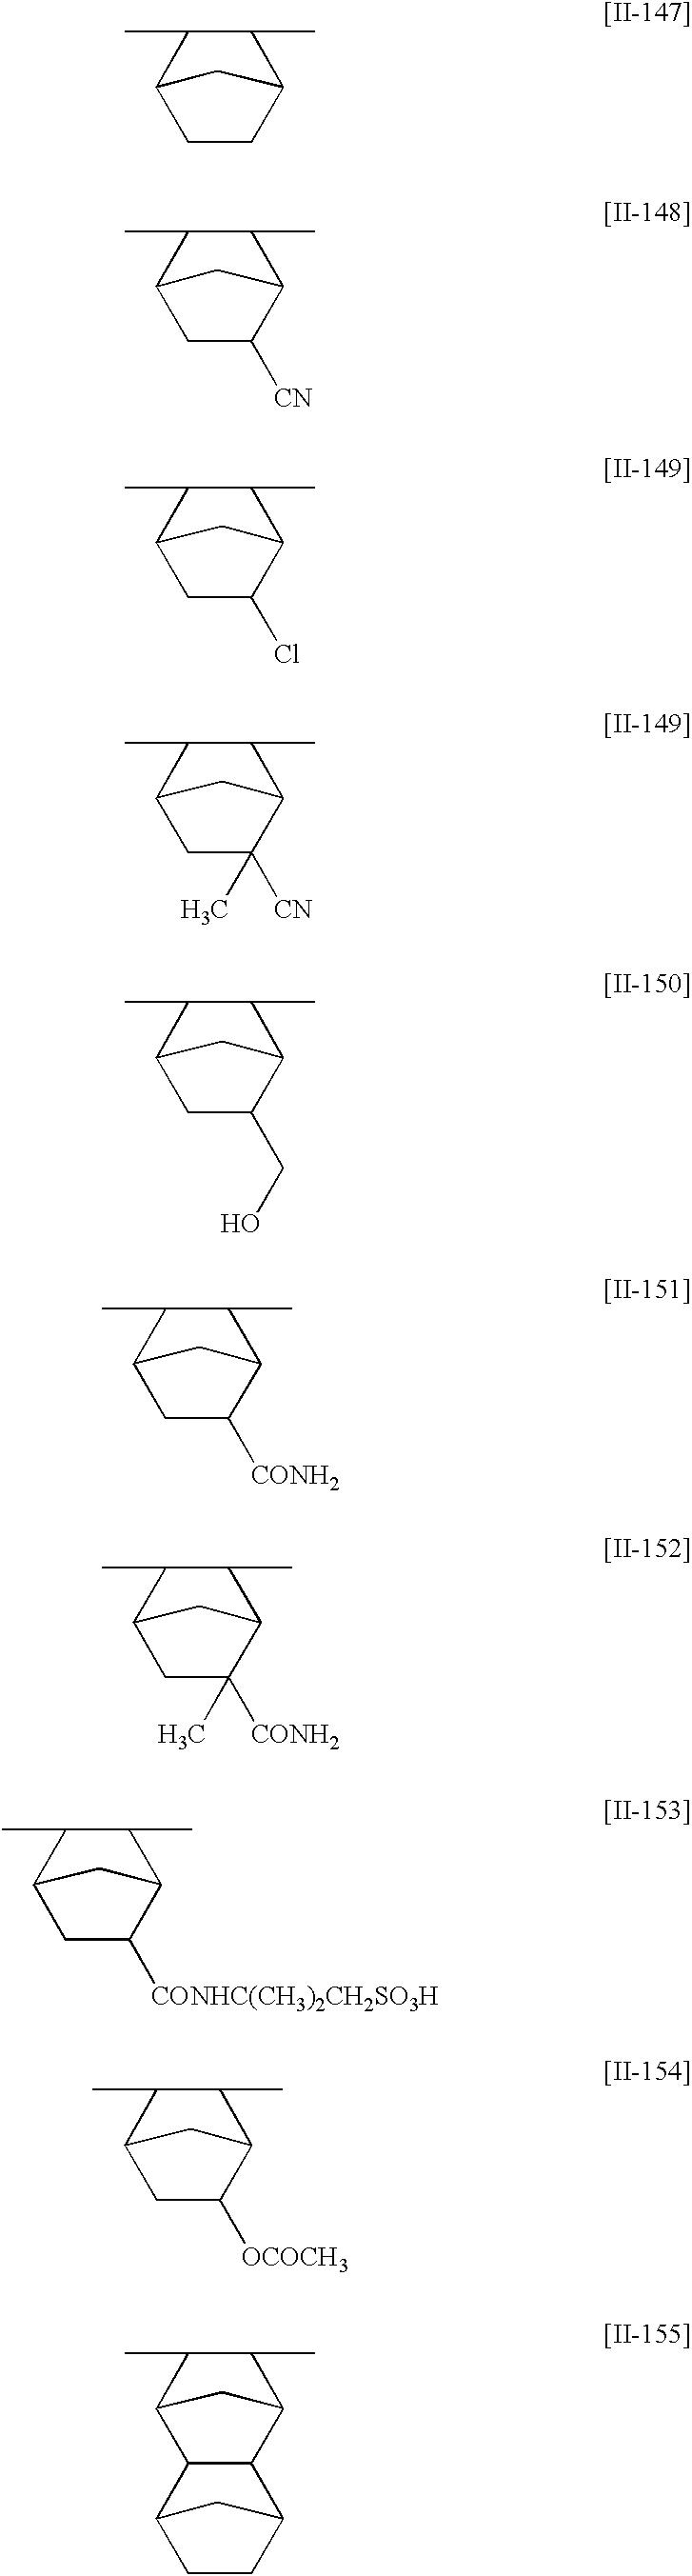 Figure US20030186161A1-20031002-C00085